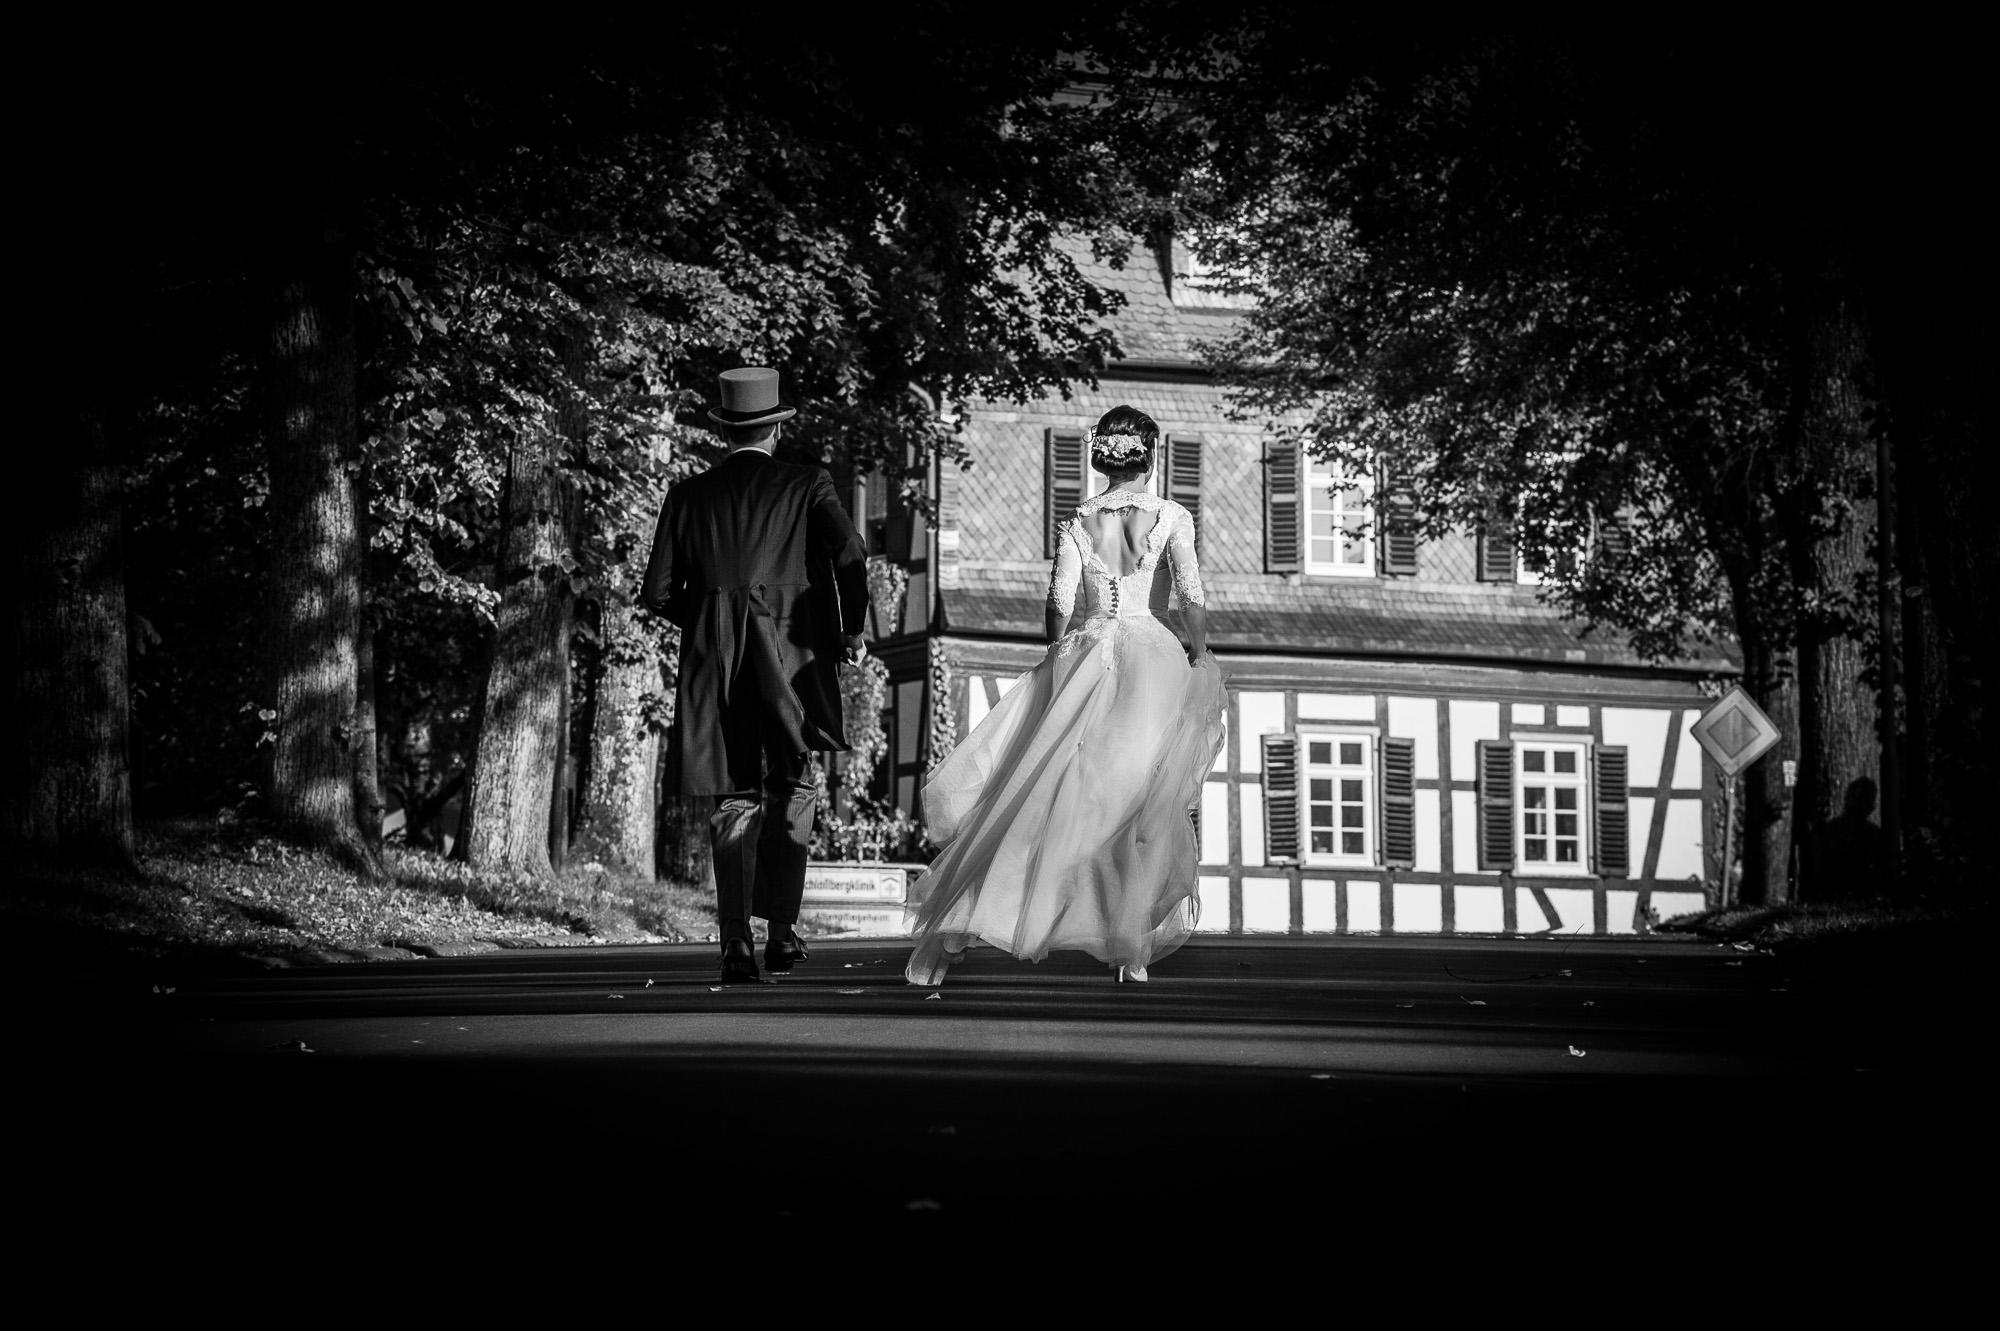 Hochzeit B2000  5523 258 - Strickroth & Fiege Fotografie